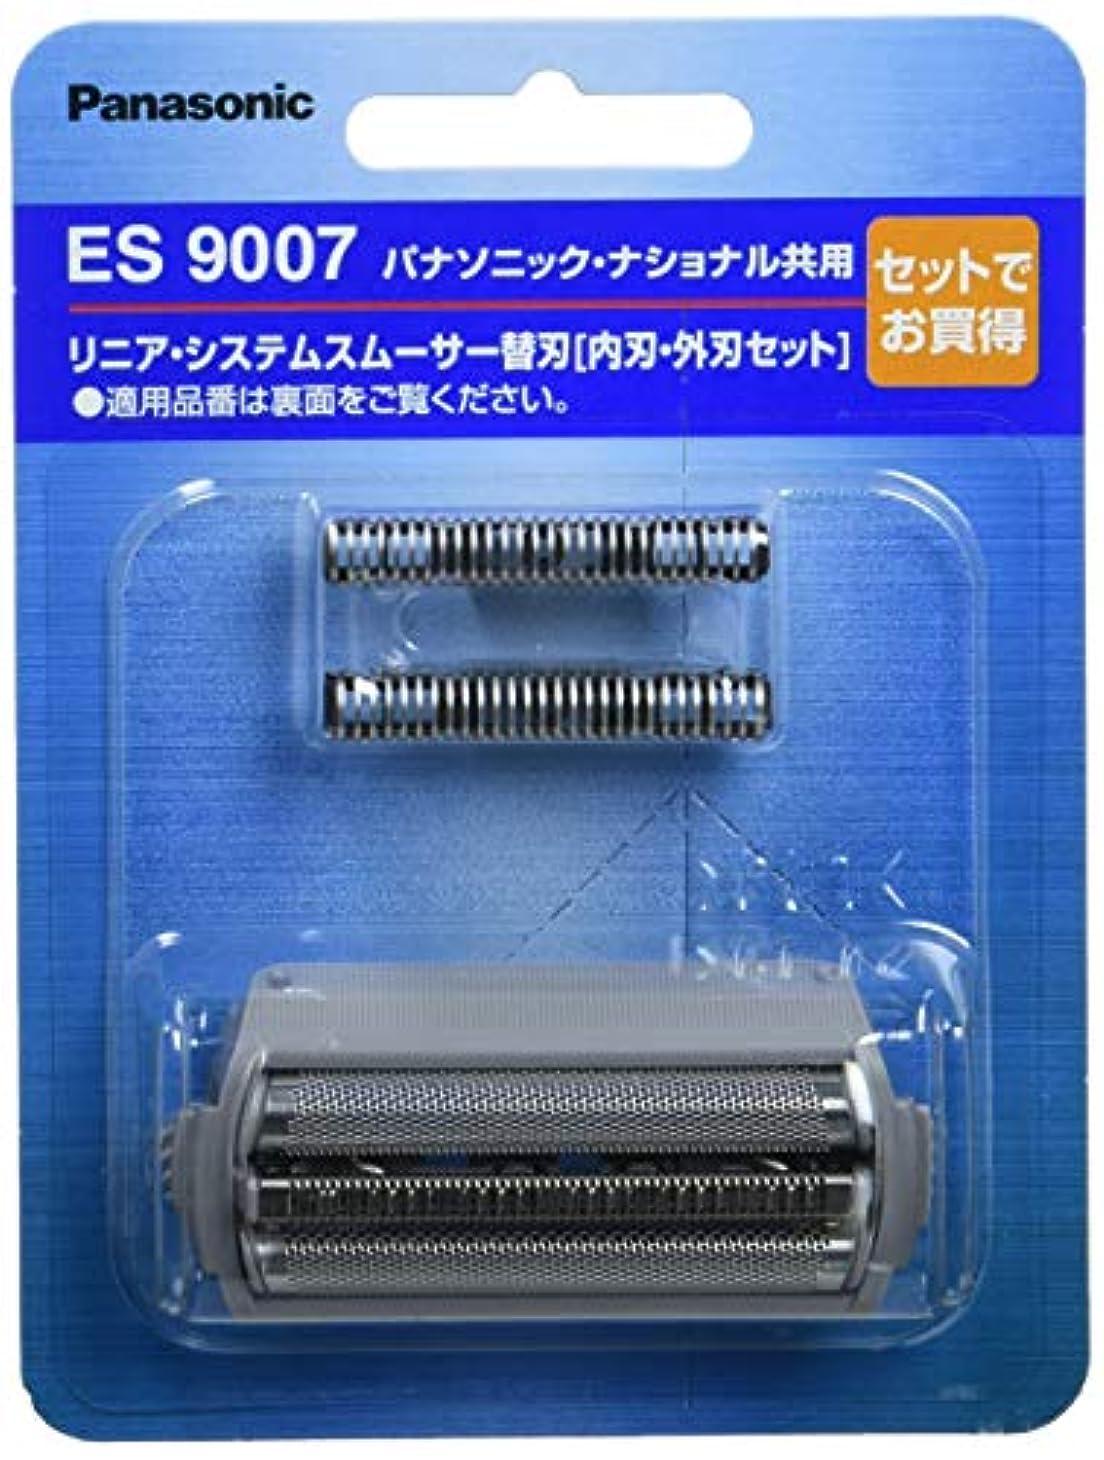 発火する借りている教育学Panasonic メンズシェーバー 替内刃 ES9007